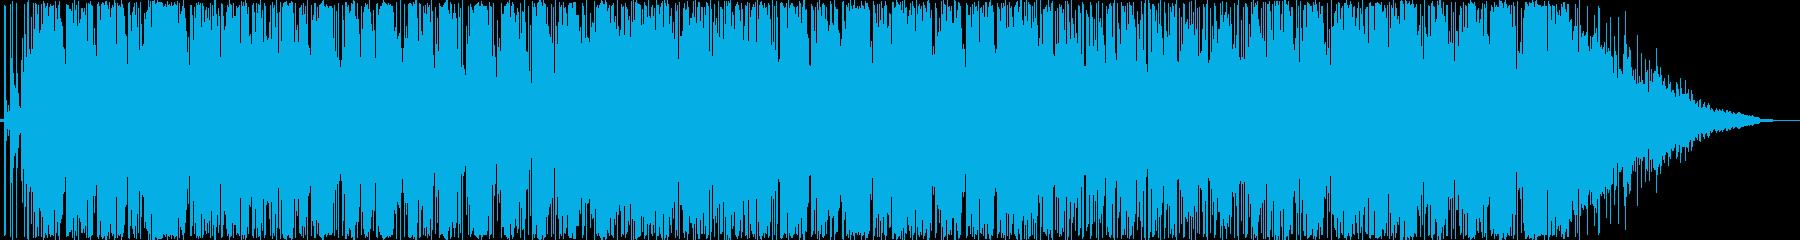 ファーファンク。ミディアムファンキ...の再生済みの波形